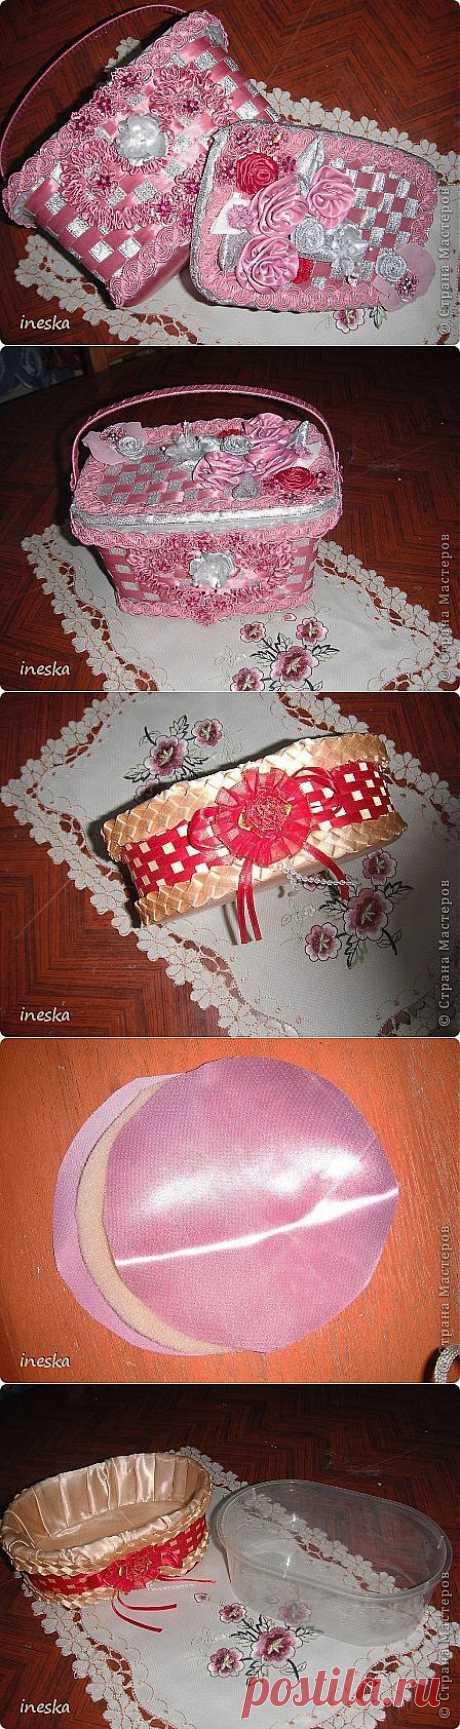 """Шкатулки из пластиковой посуды """"Розовая нежность""""."""